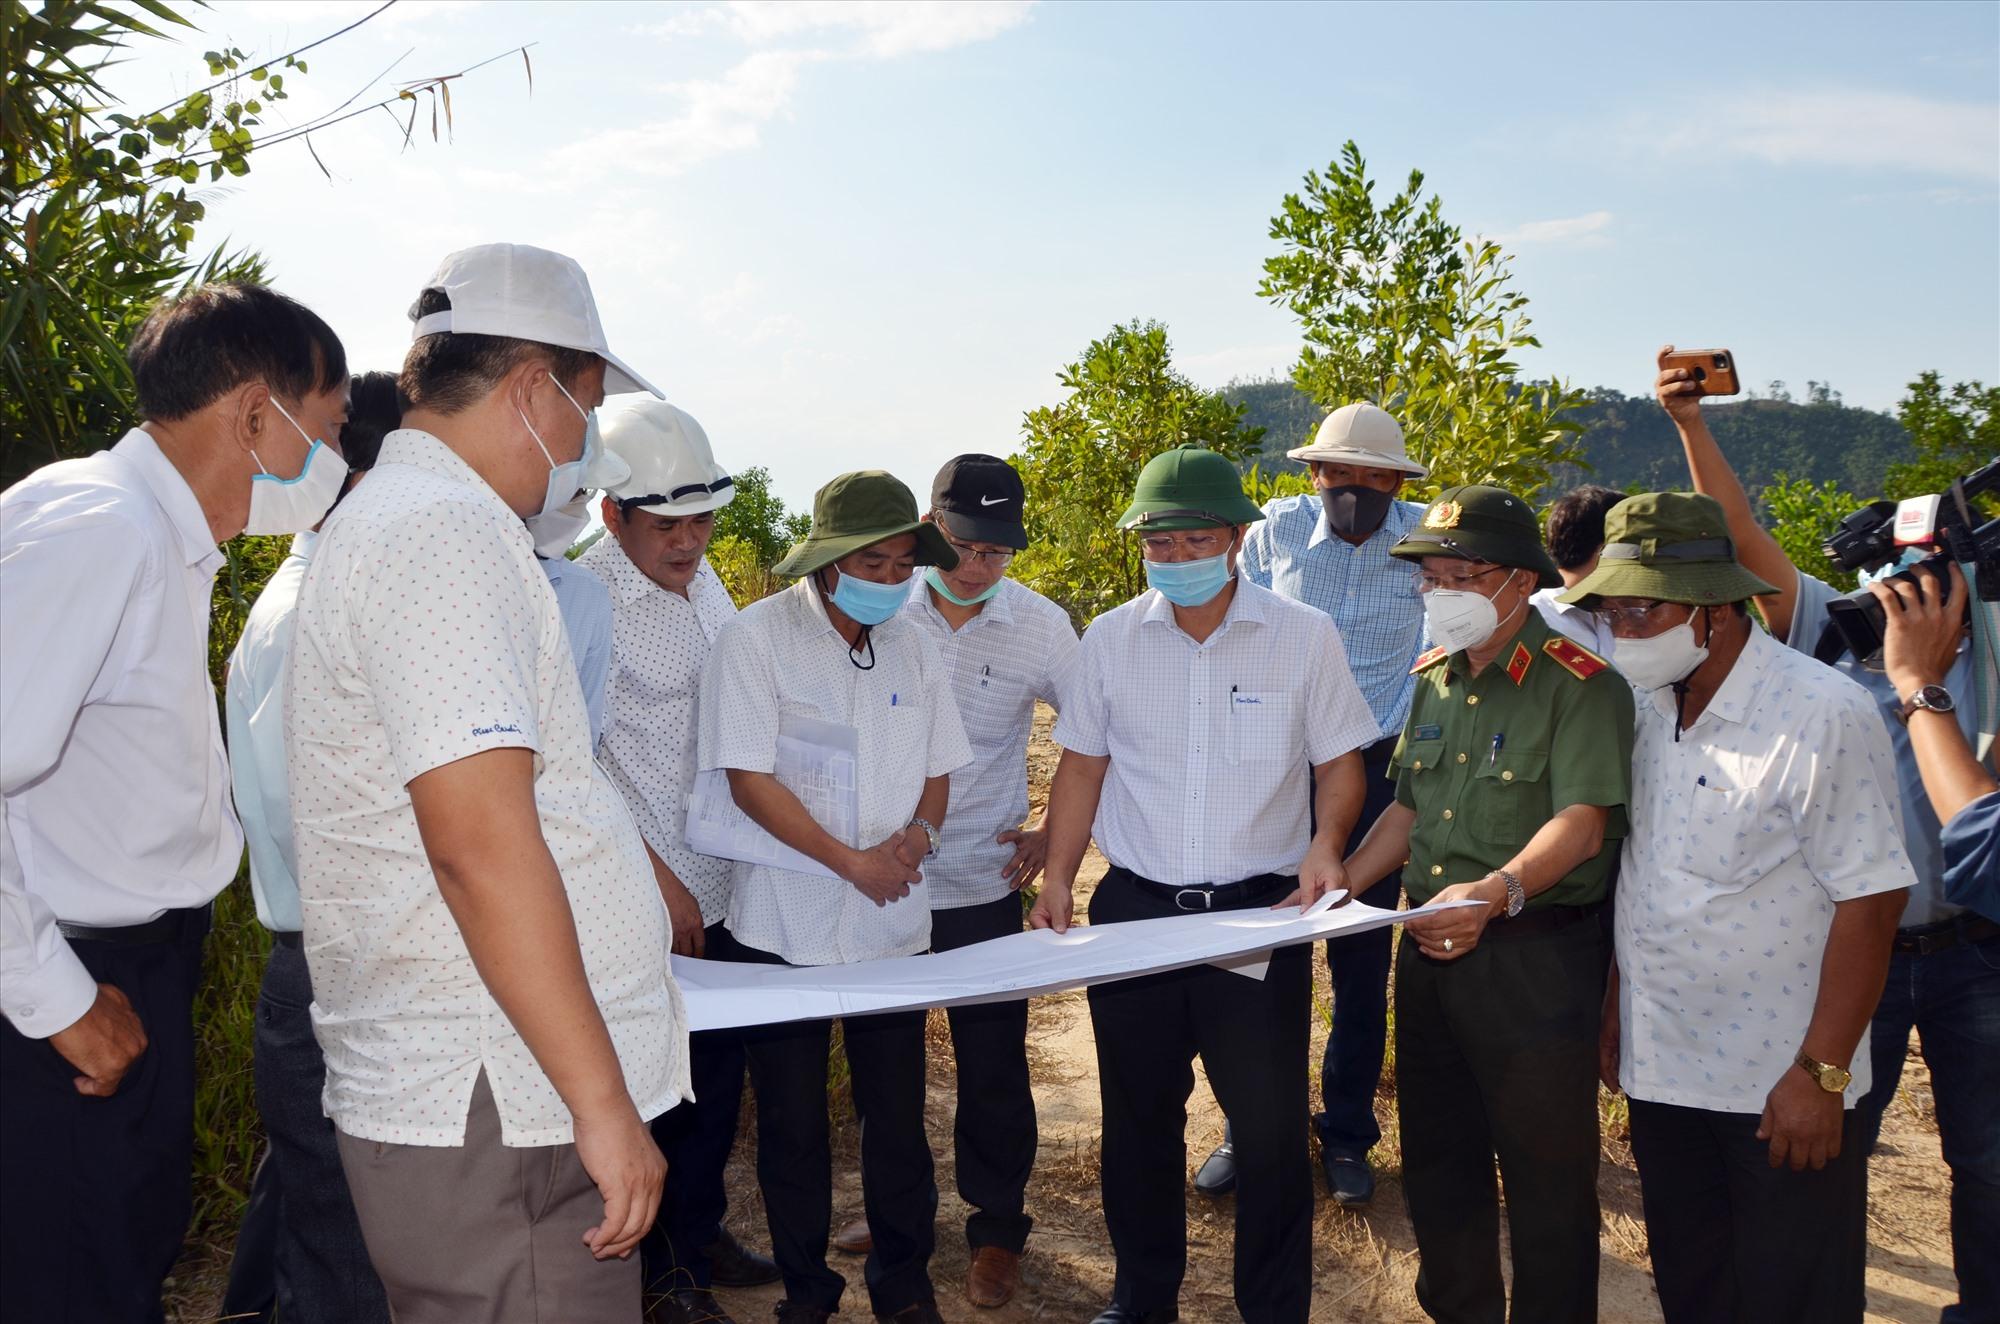 Chủ tịch UBND tỉnh Lê Trí Thanh cùng đoàn công tác của tỉnh xem bản đồ hiện trạng tại khu vực mỏ vàng Bồng Miêu. Ảnh: H.P